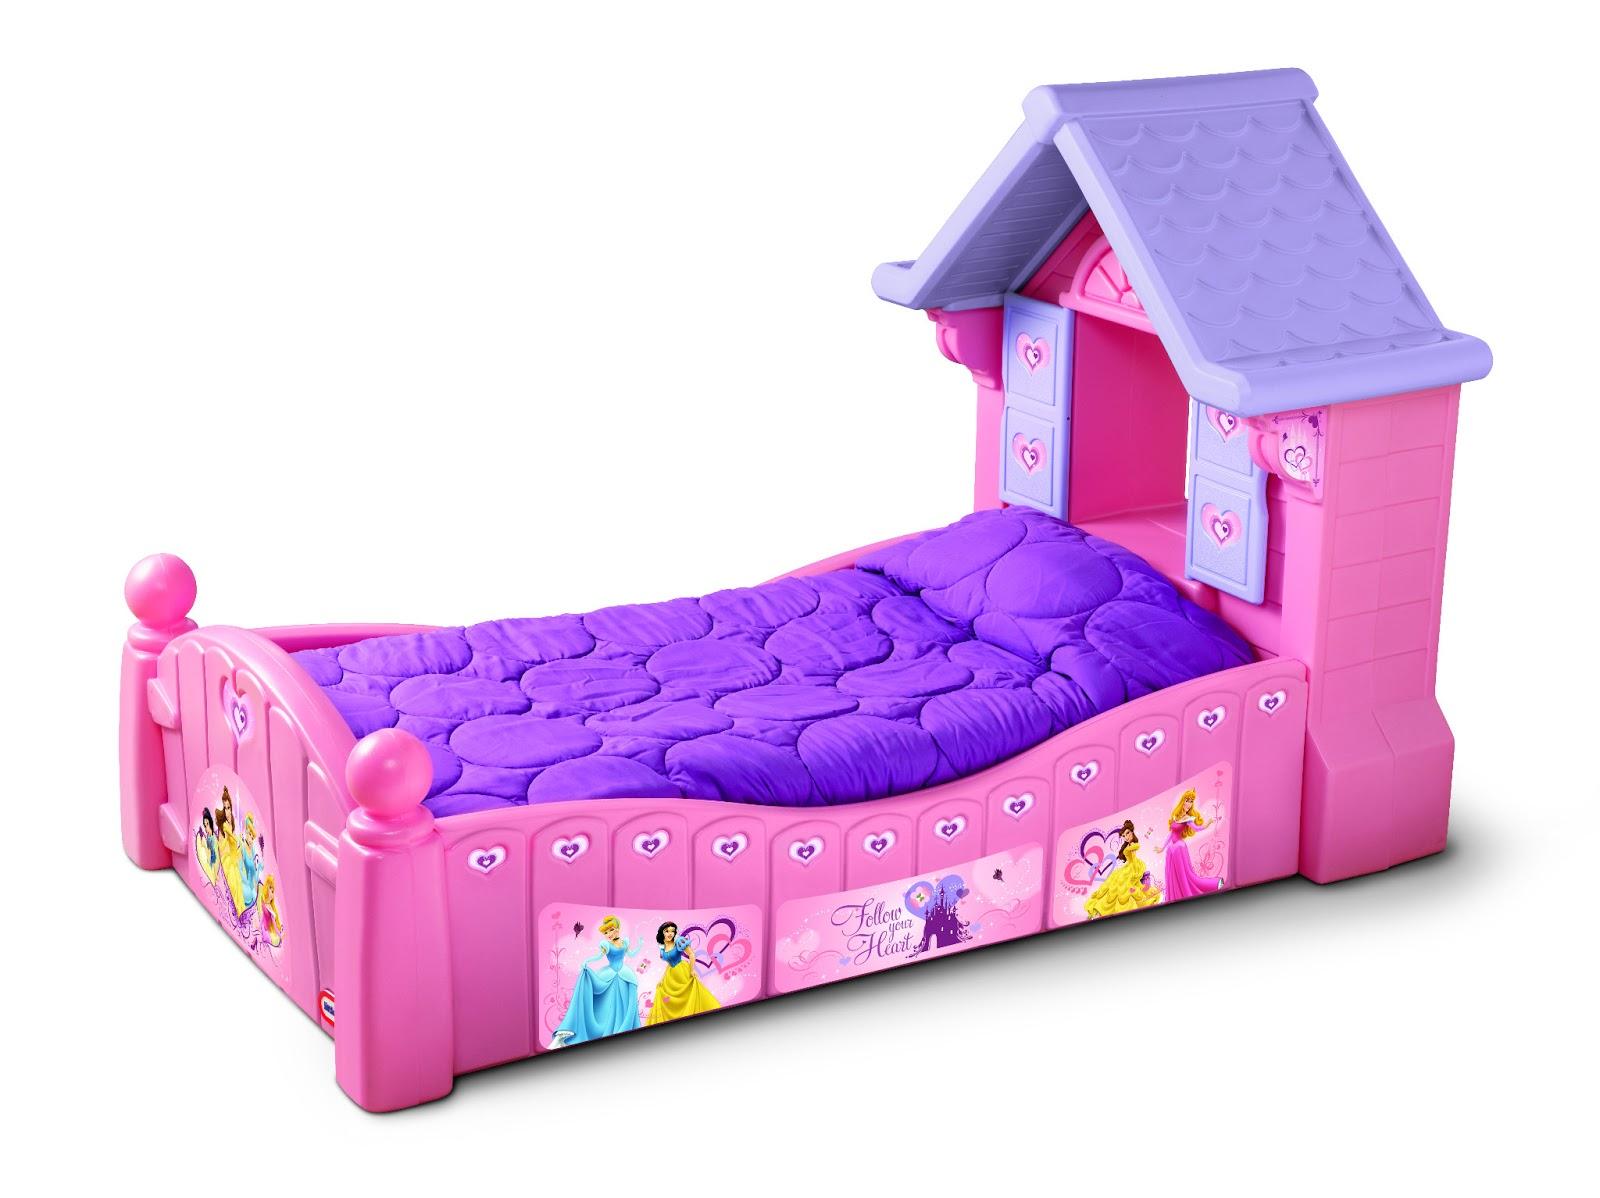 Tv brinquedos camas tem ticas fazem da hora de dormir uma for Camas de dormir